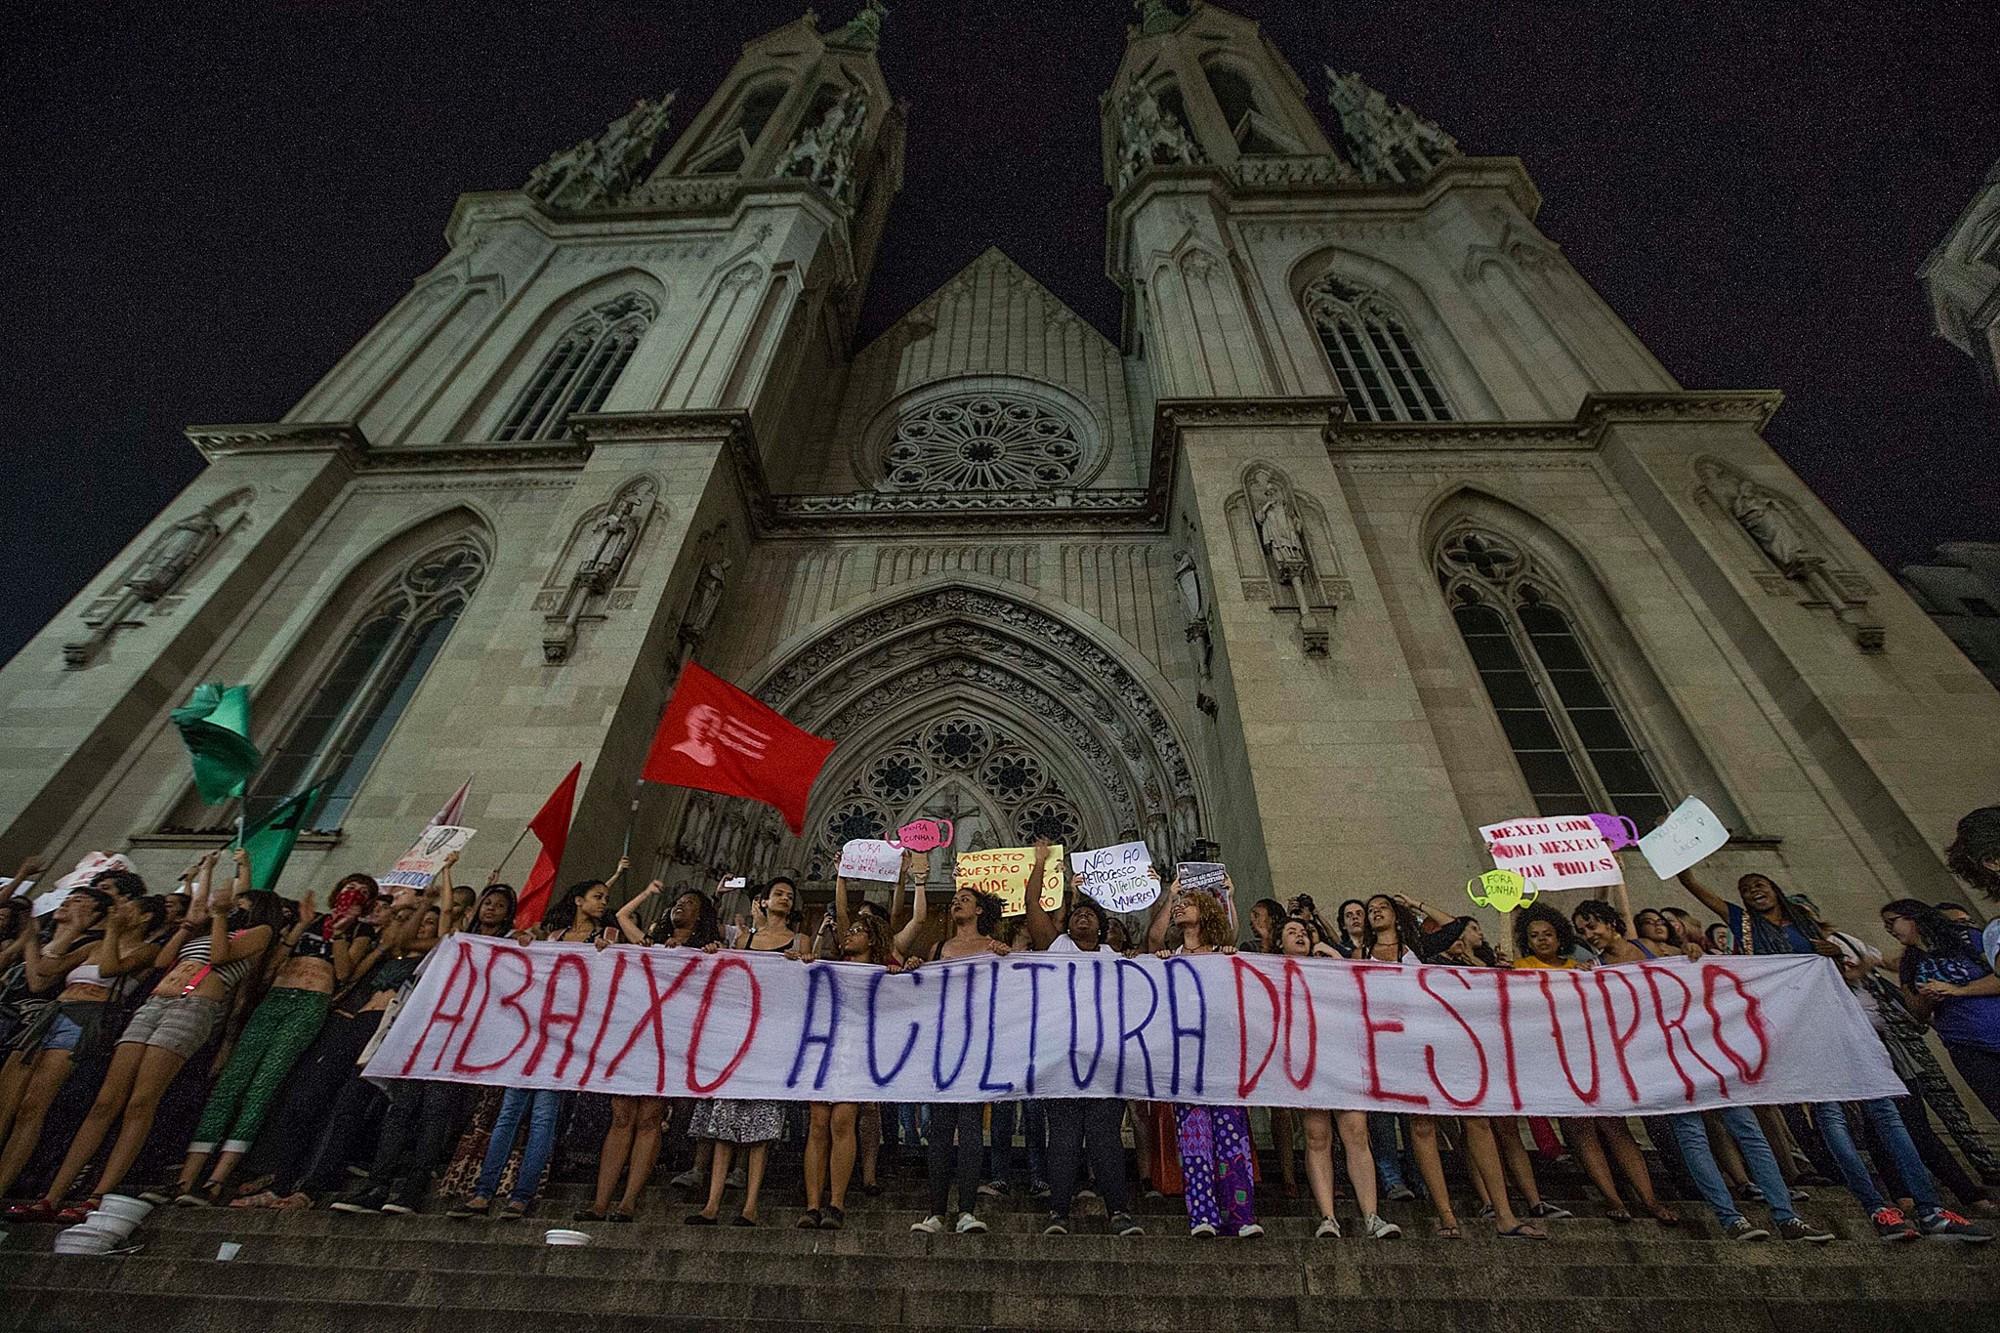 Manifestação pelos direitos  das mulheres em São Paulo, 2015. Fonte: Mídia Ninja.